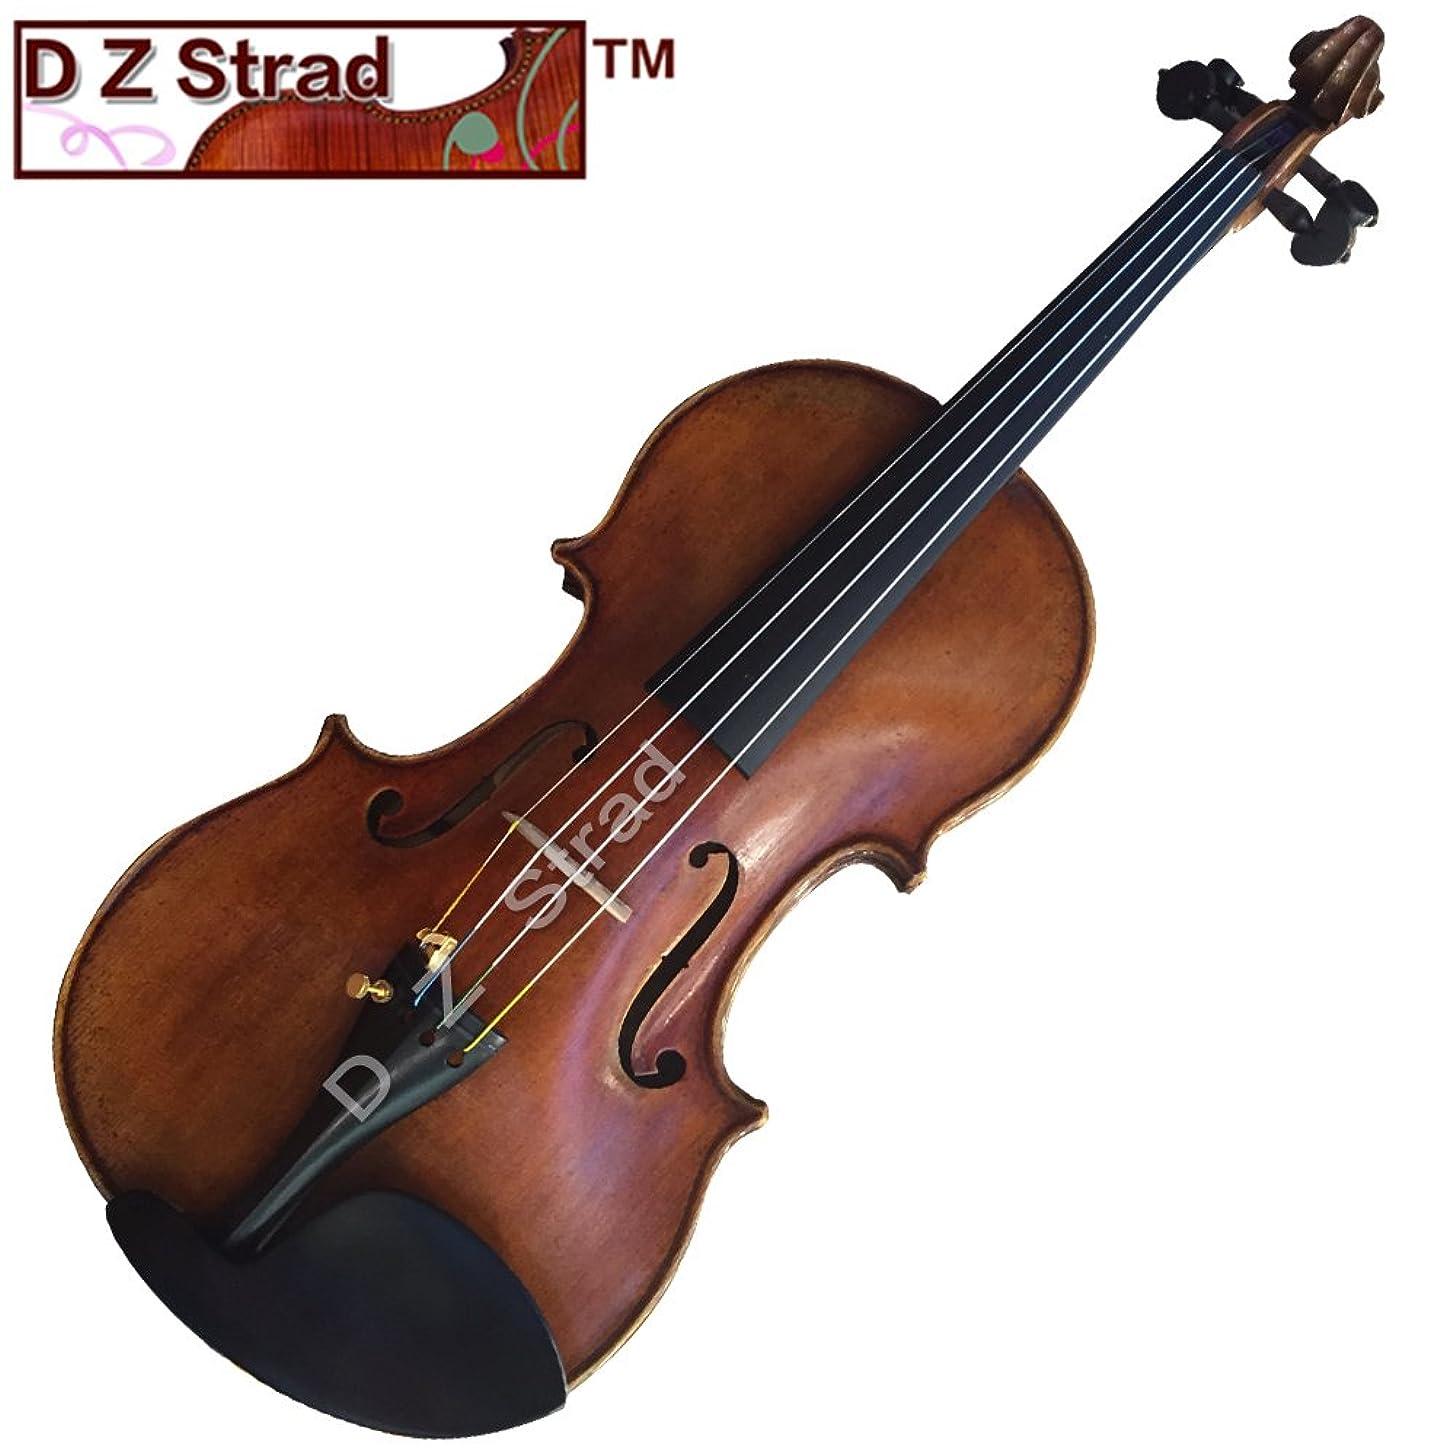 D Z Strad SV400 Violin with Case, Bow, Shoulder Rest, and Rosin